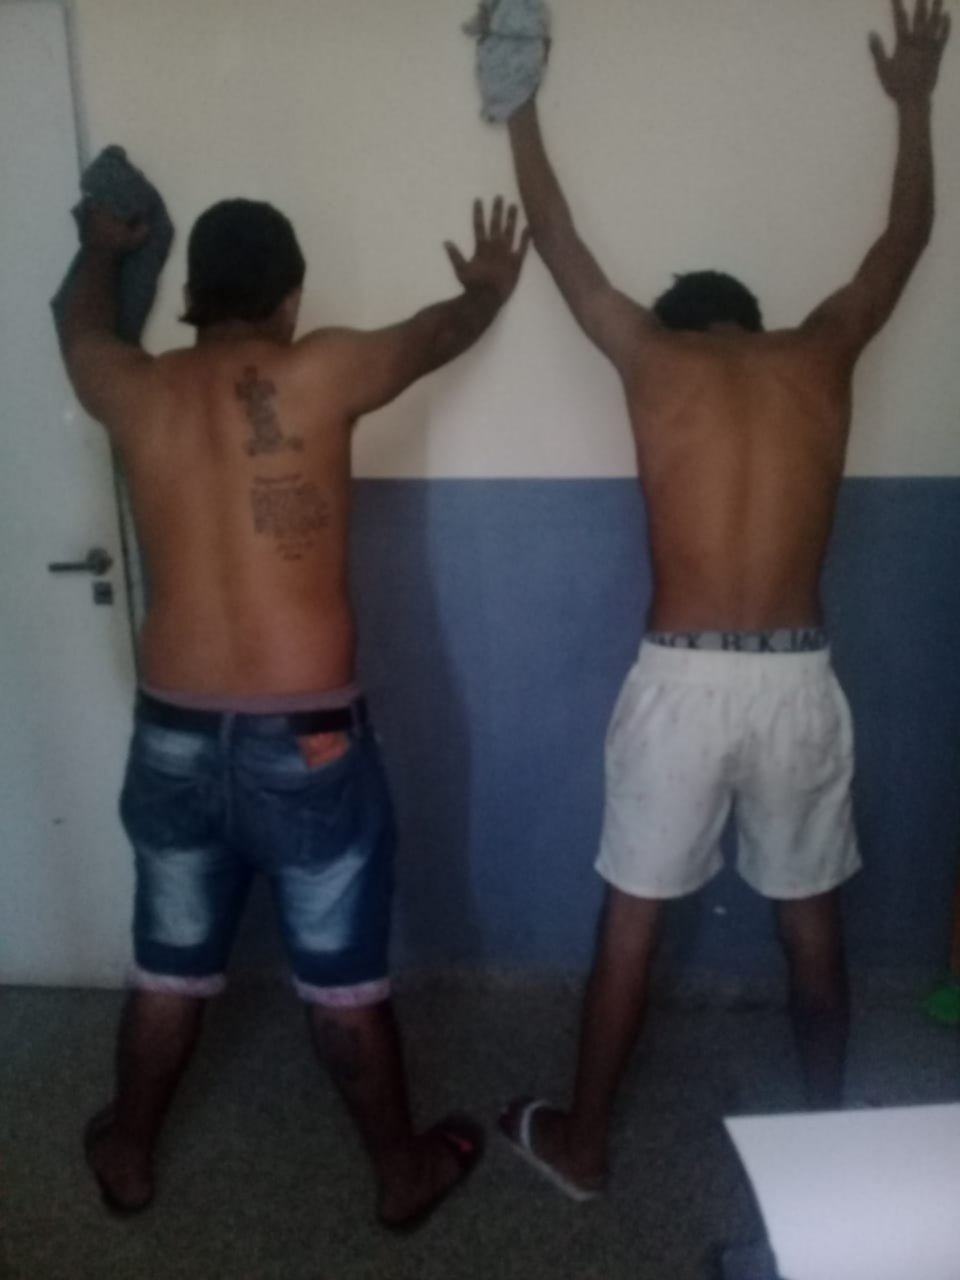 <p>Presos. Los detenidos tras el allanamiento de la Polic&iacute;a.</p>